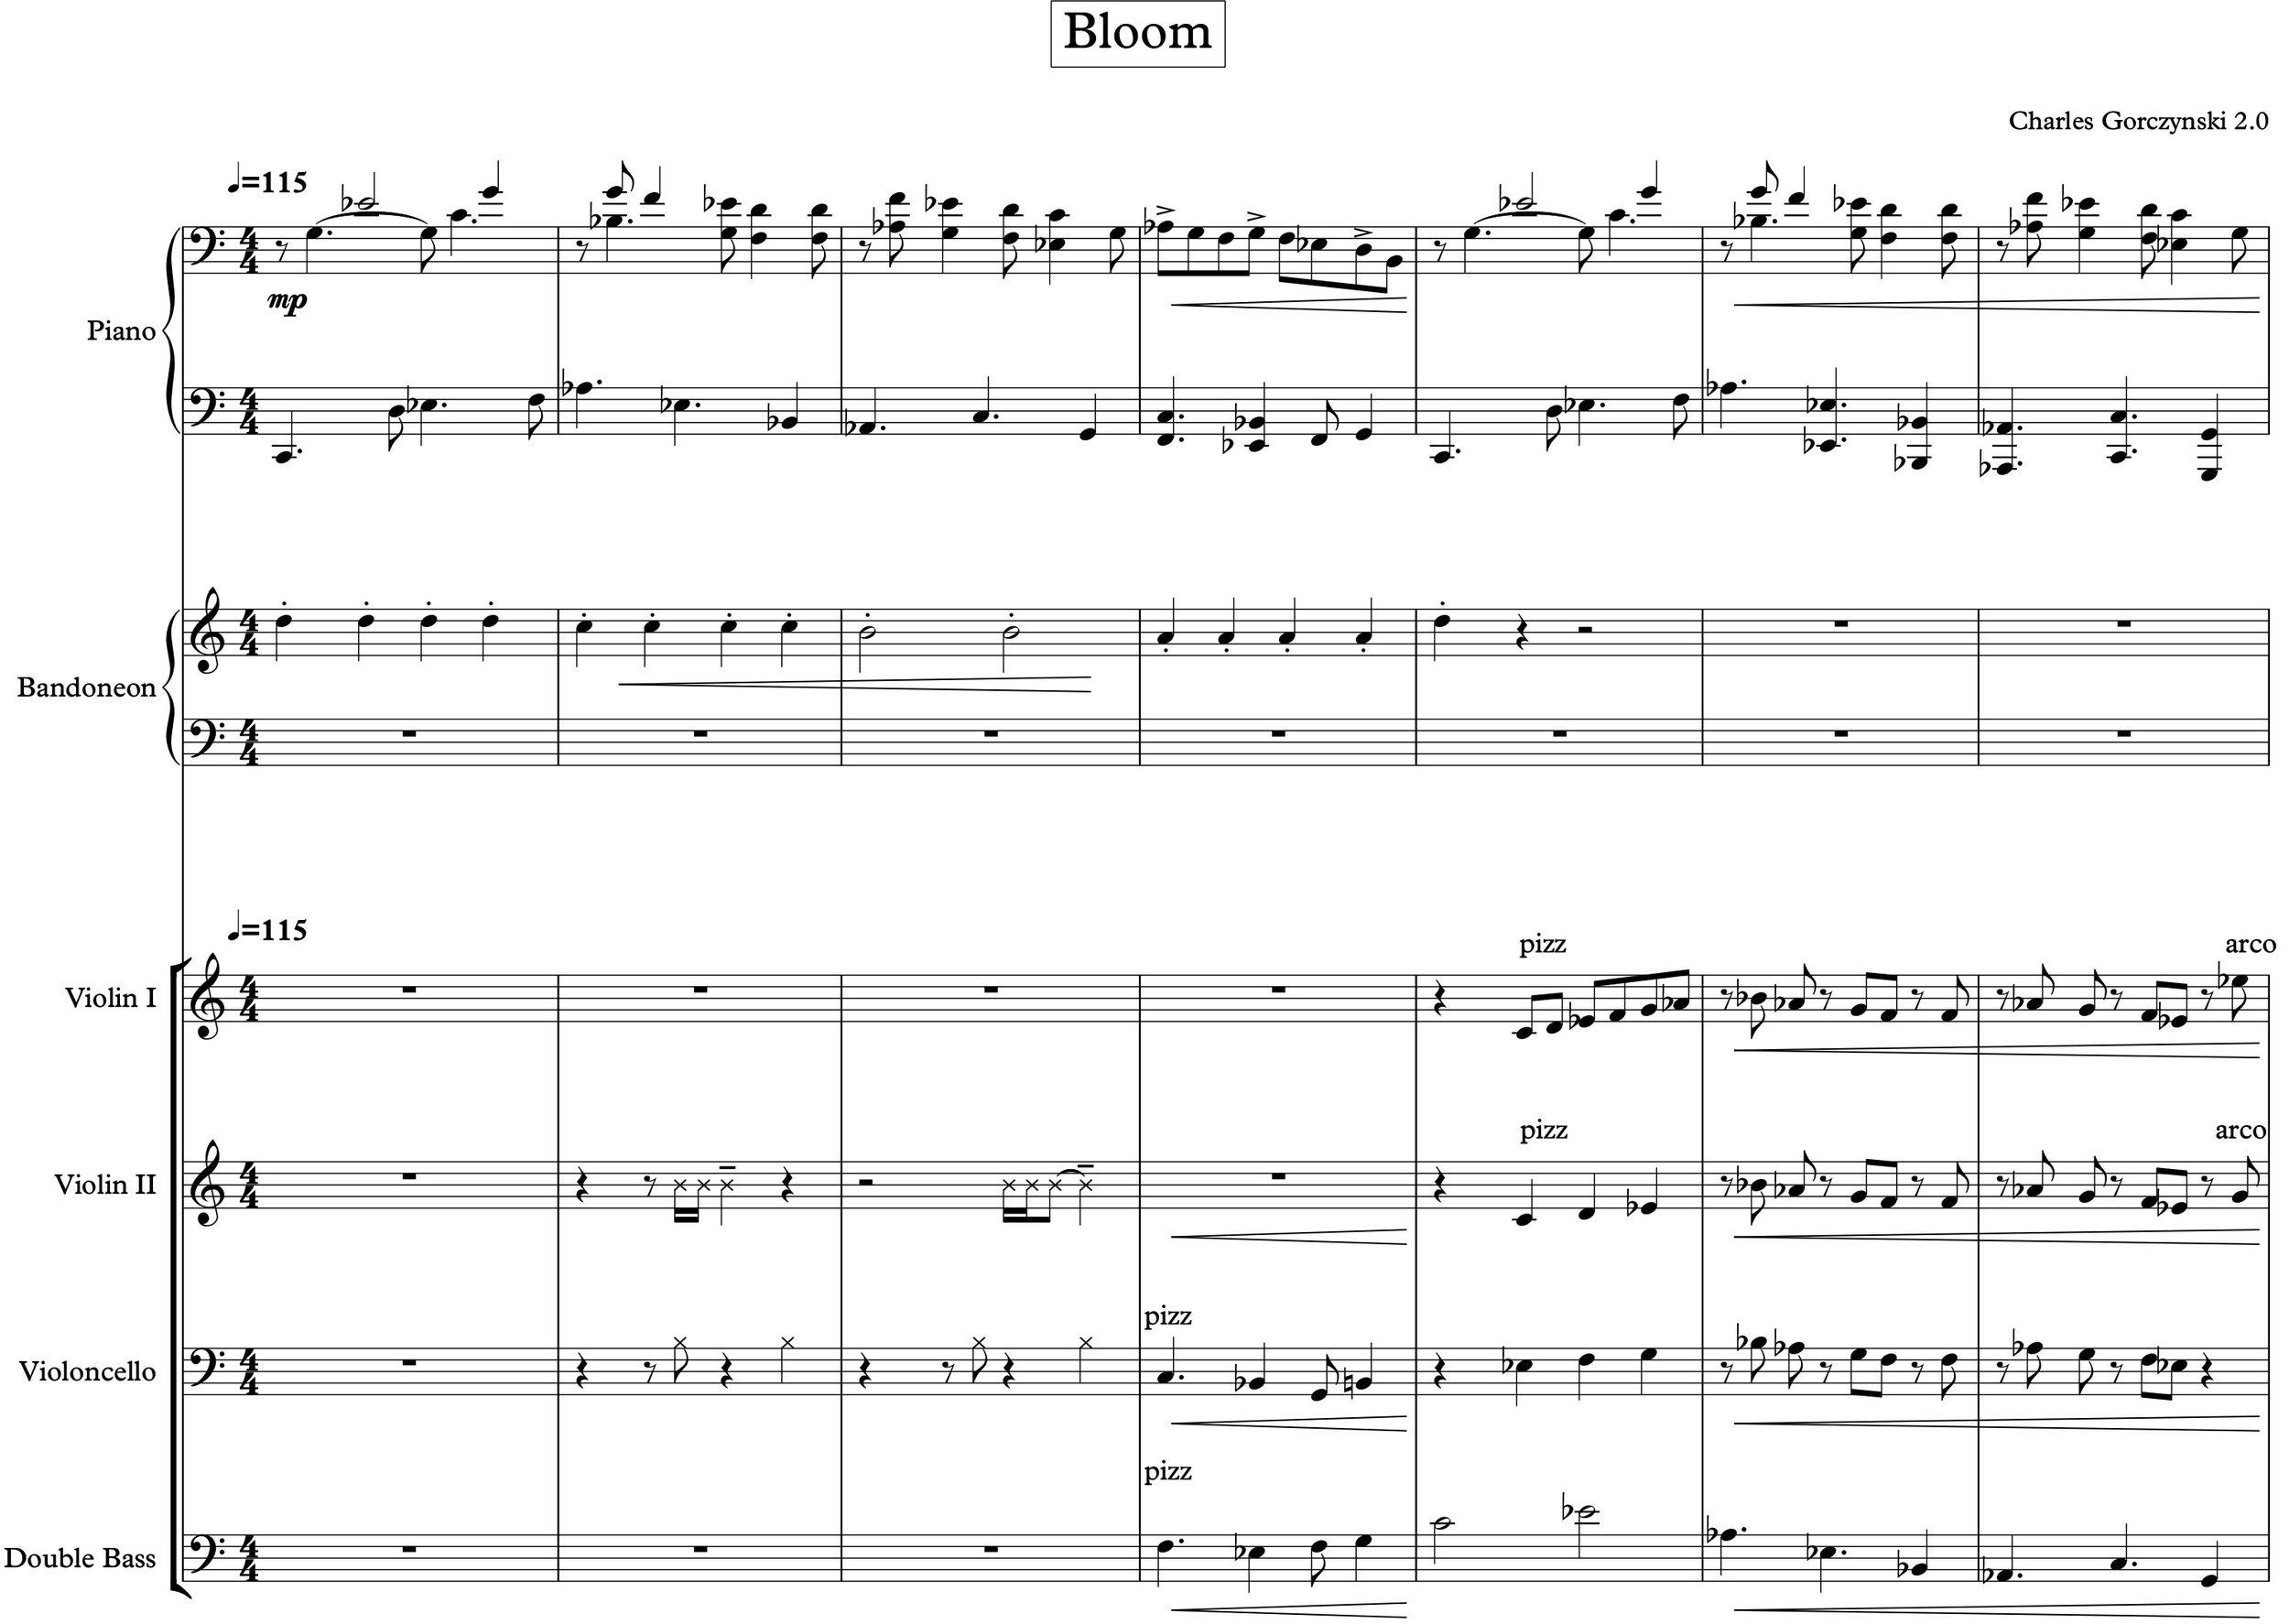 Bloom - Full Score-1.jpg